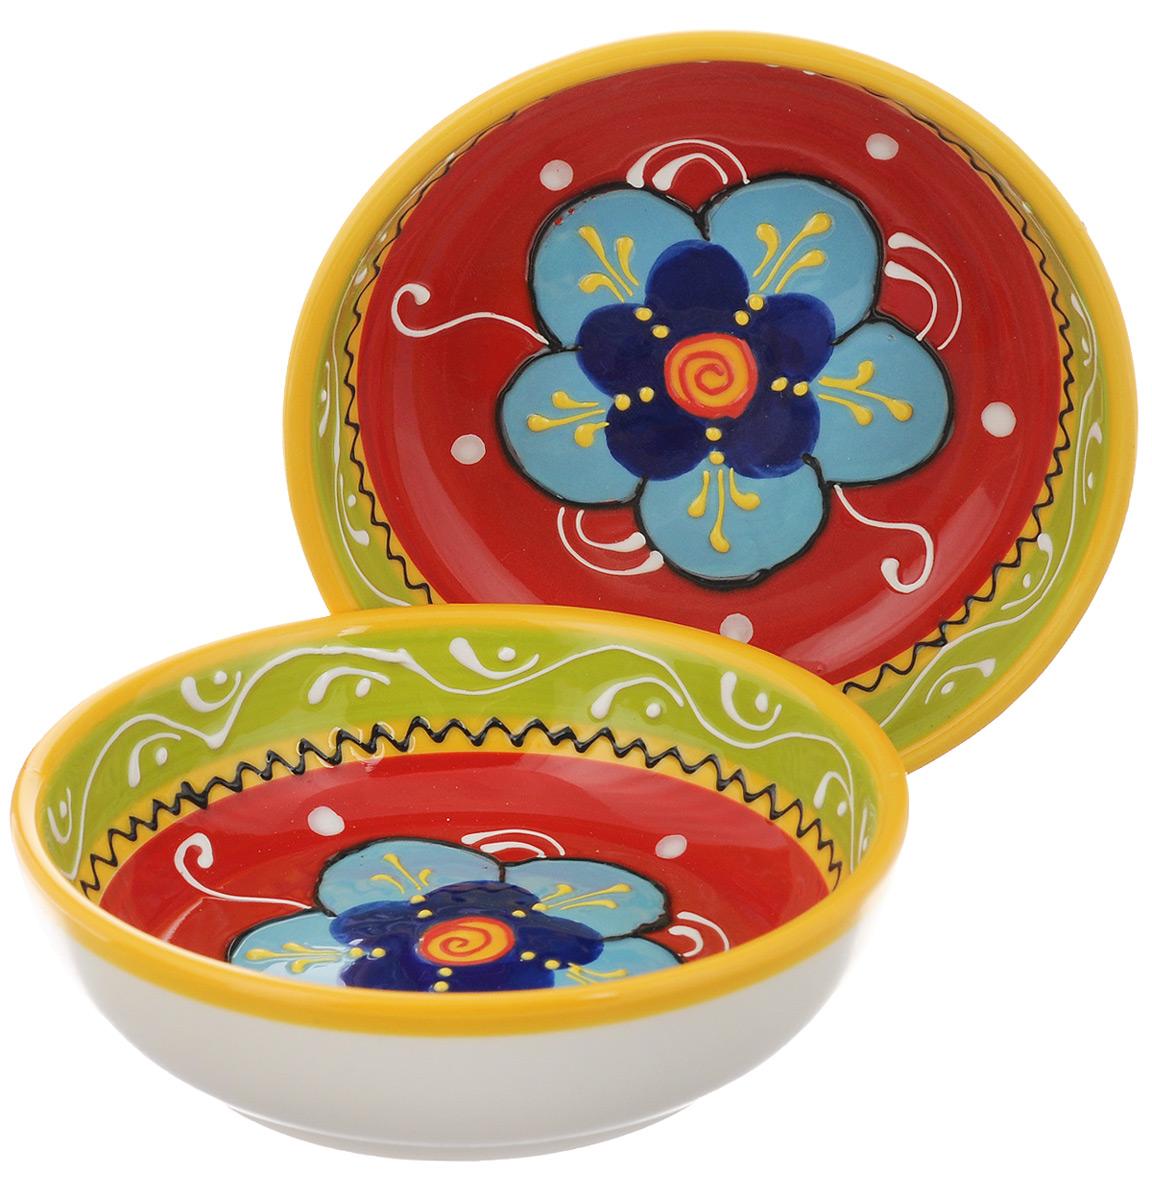 Салатник Elan Gallery Цветочное настроение, диаметр 13 см, 2 шт450038Великолепные круглые салатники Elan Gallery Цветочное настроение, изготовленные из высококачественной керамики, прекрасно подойдут для подачи различных блюд: закусок, салатов или фруктов. В наборе 2 салатника. Такие салатники украсят ваш праздничный или обеденный стол, а оригинальное исполнение понравится любой хозяйке. Не рекомендуется применять абразивные моющие средства. Не использовать в микроволновой печи. Диаметр салатника (по верхнему краю): 13 см. Высота салатника: 4 см.